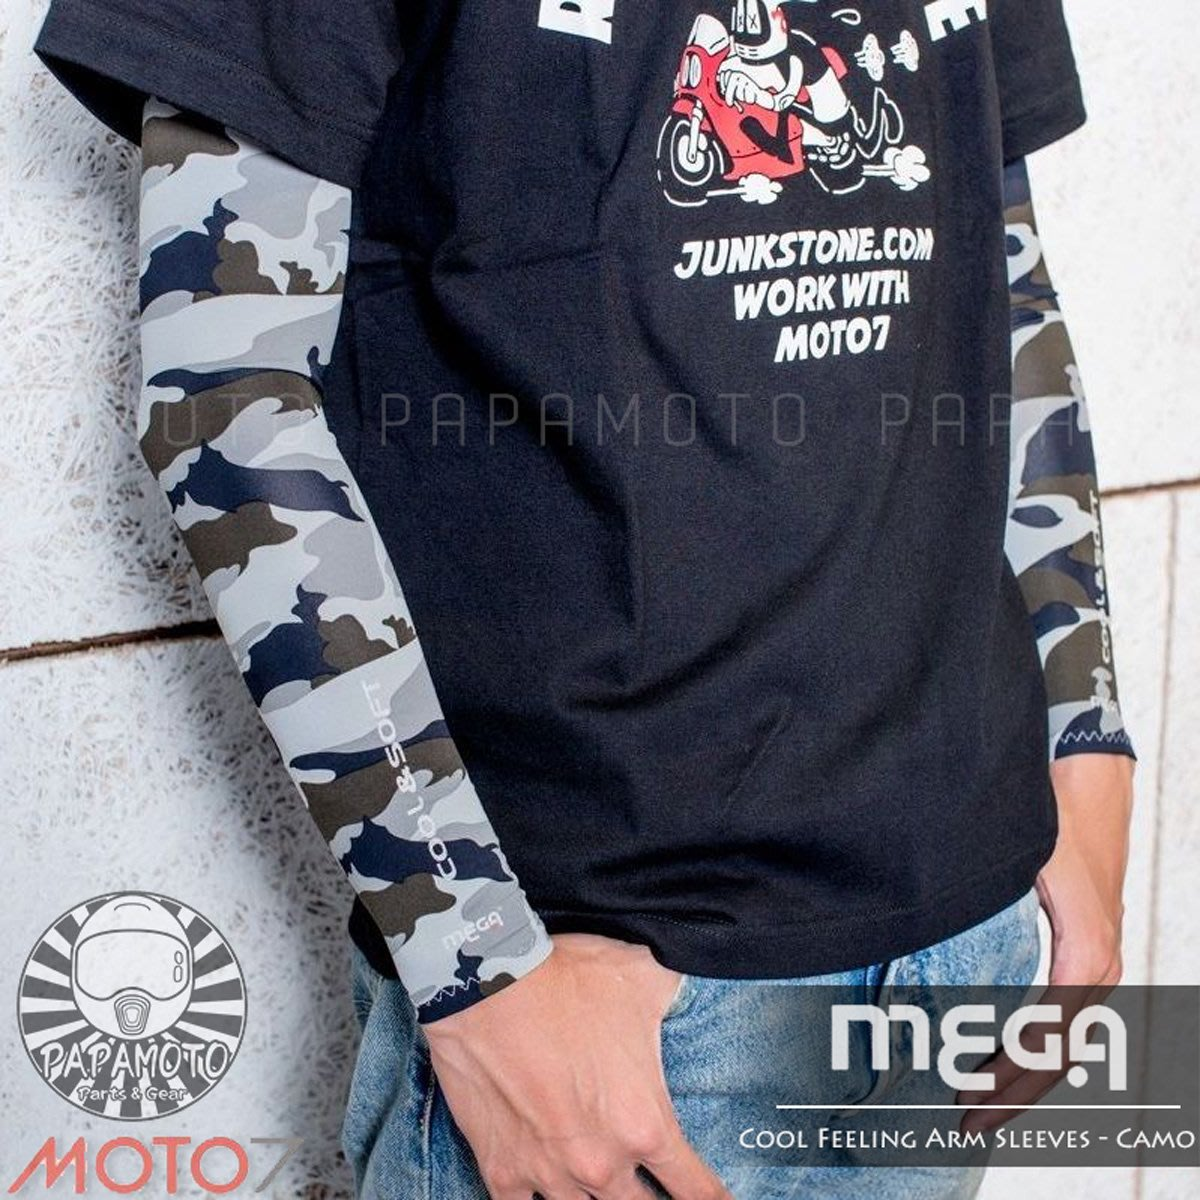 【趴趴騎士】mega coouv 冰感防曬運動袖套 - 迷彩 (UPF50+ 抗UV 涼感 袖套